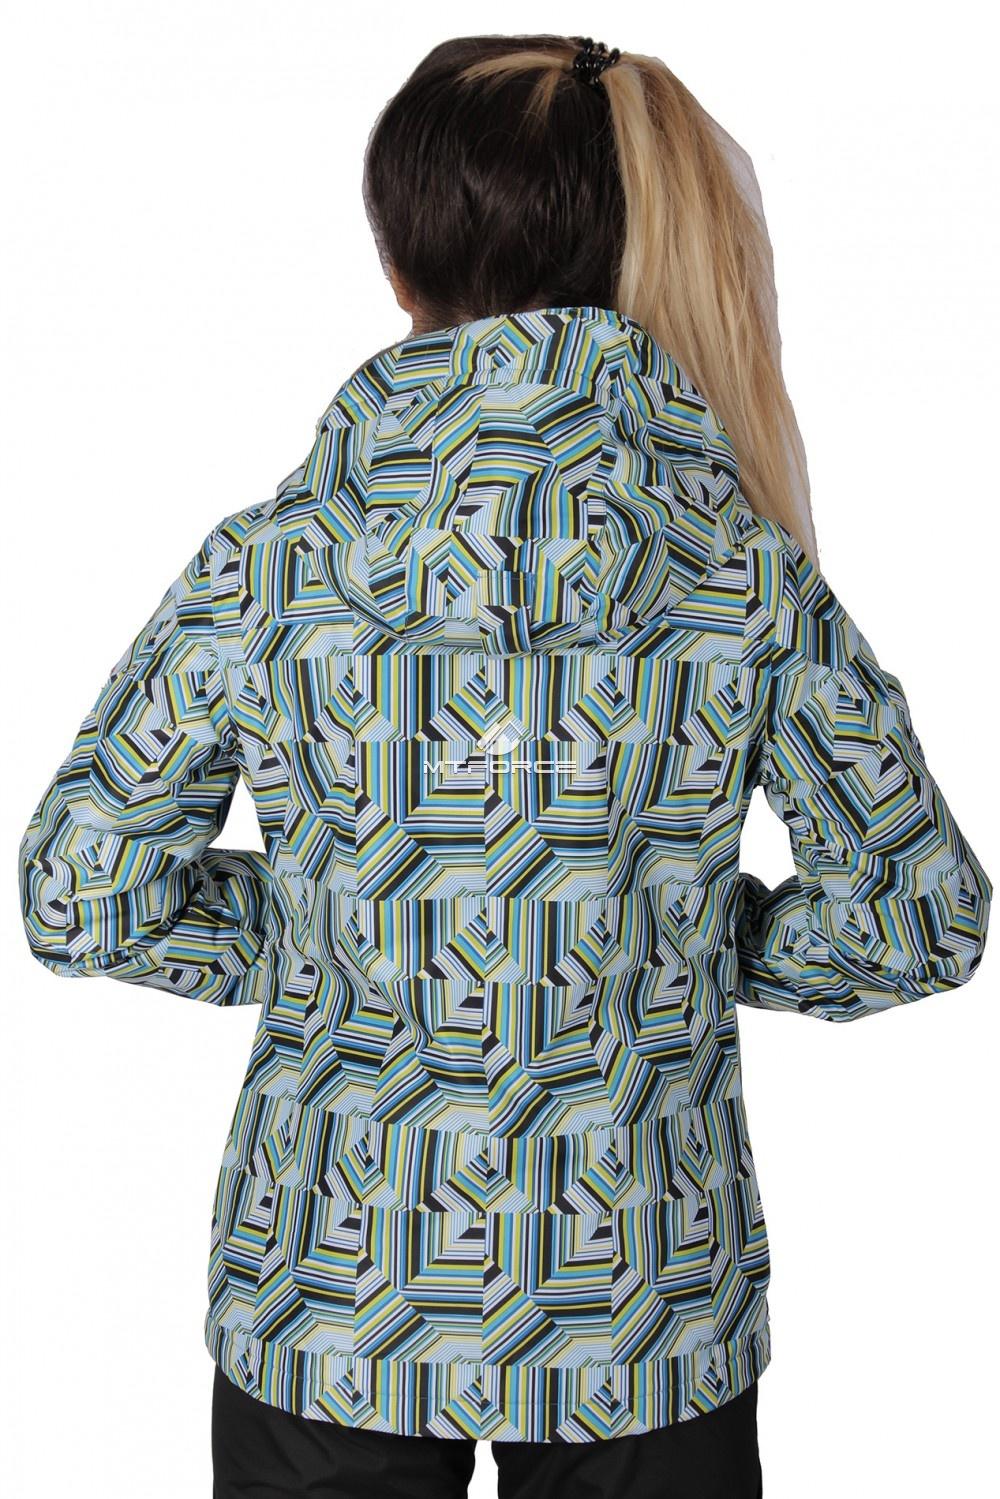 Купить оптом Куртка спортивная женская осень весна голубого цвета 1722Gl в Новосибирске